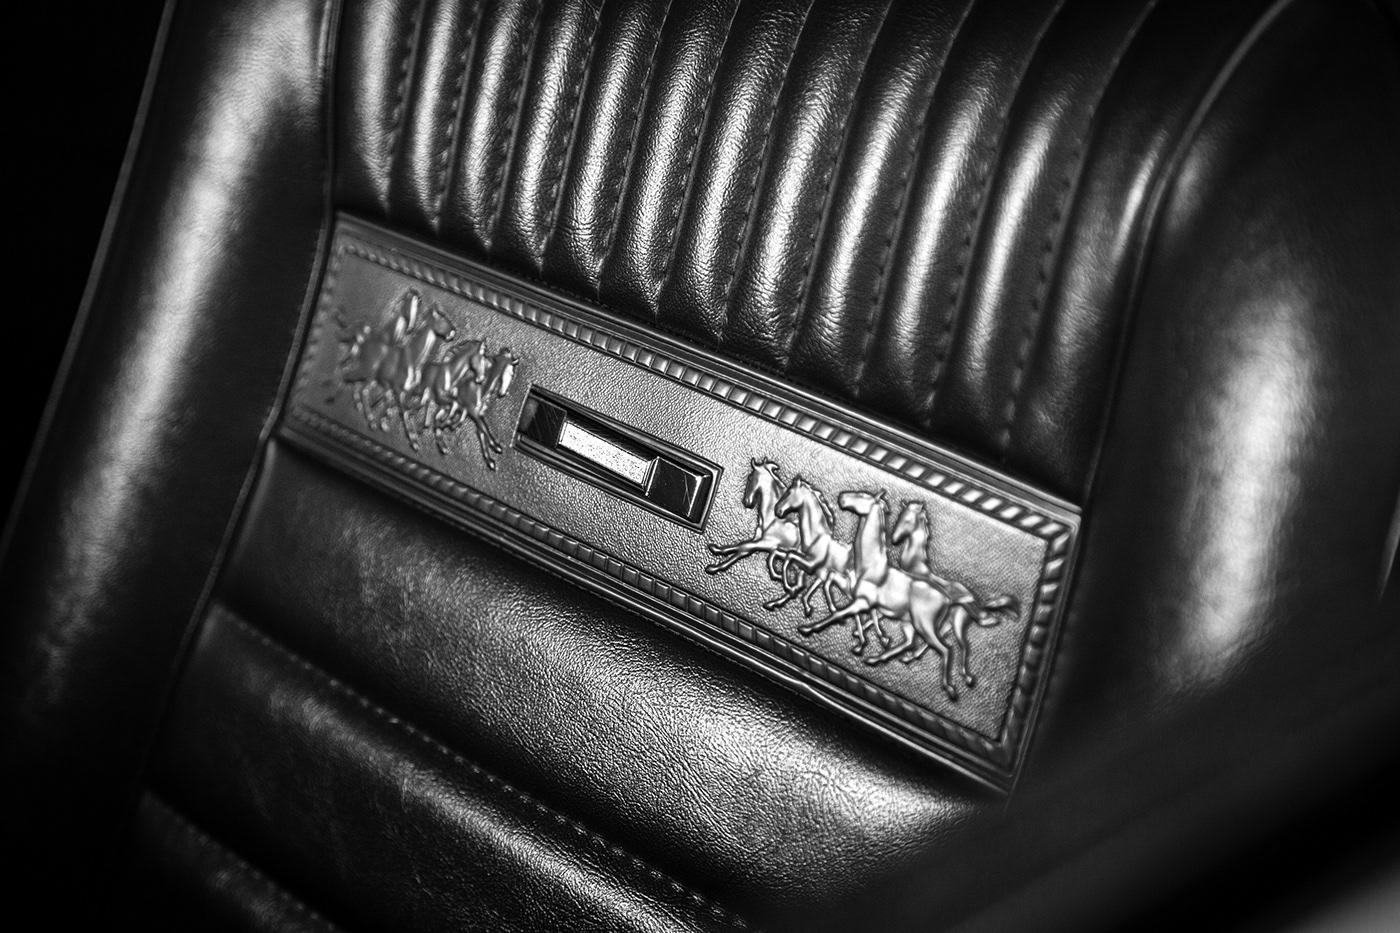 Detalle de tapizado ford munstang. Upholstery detail ford mustang